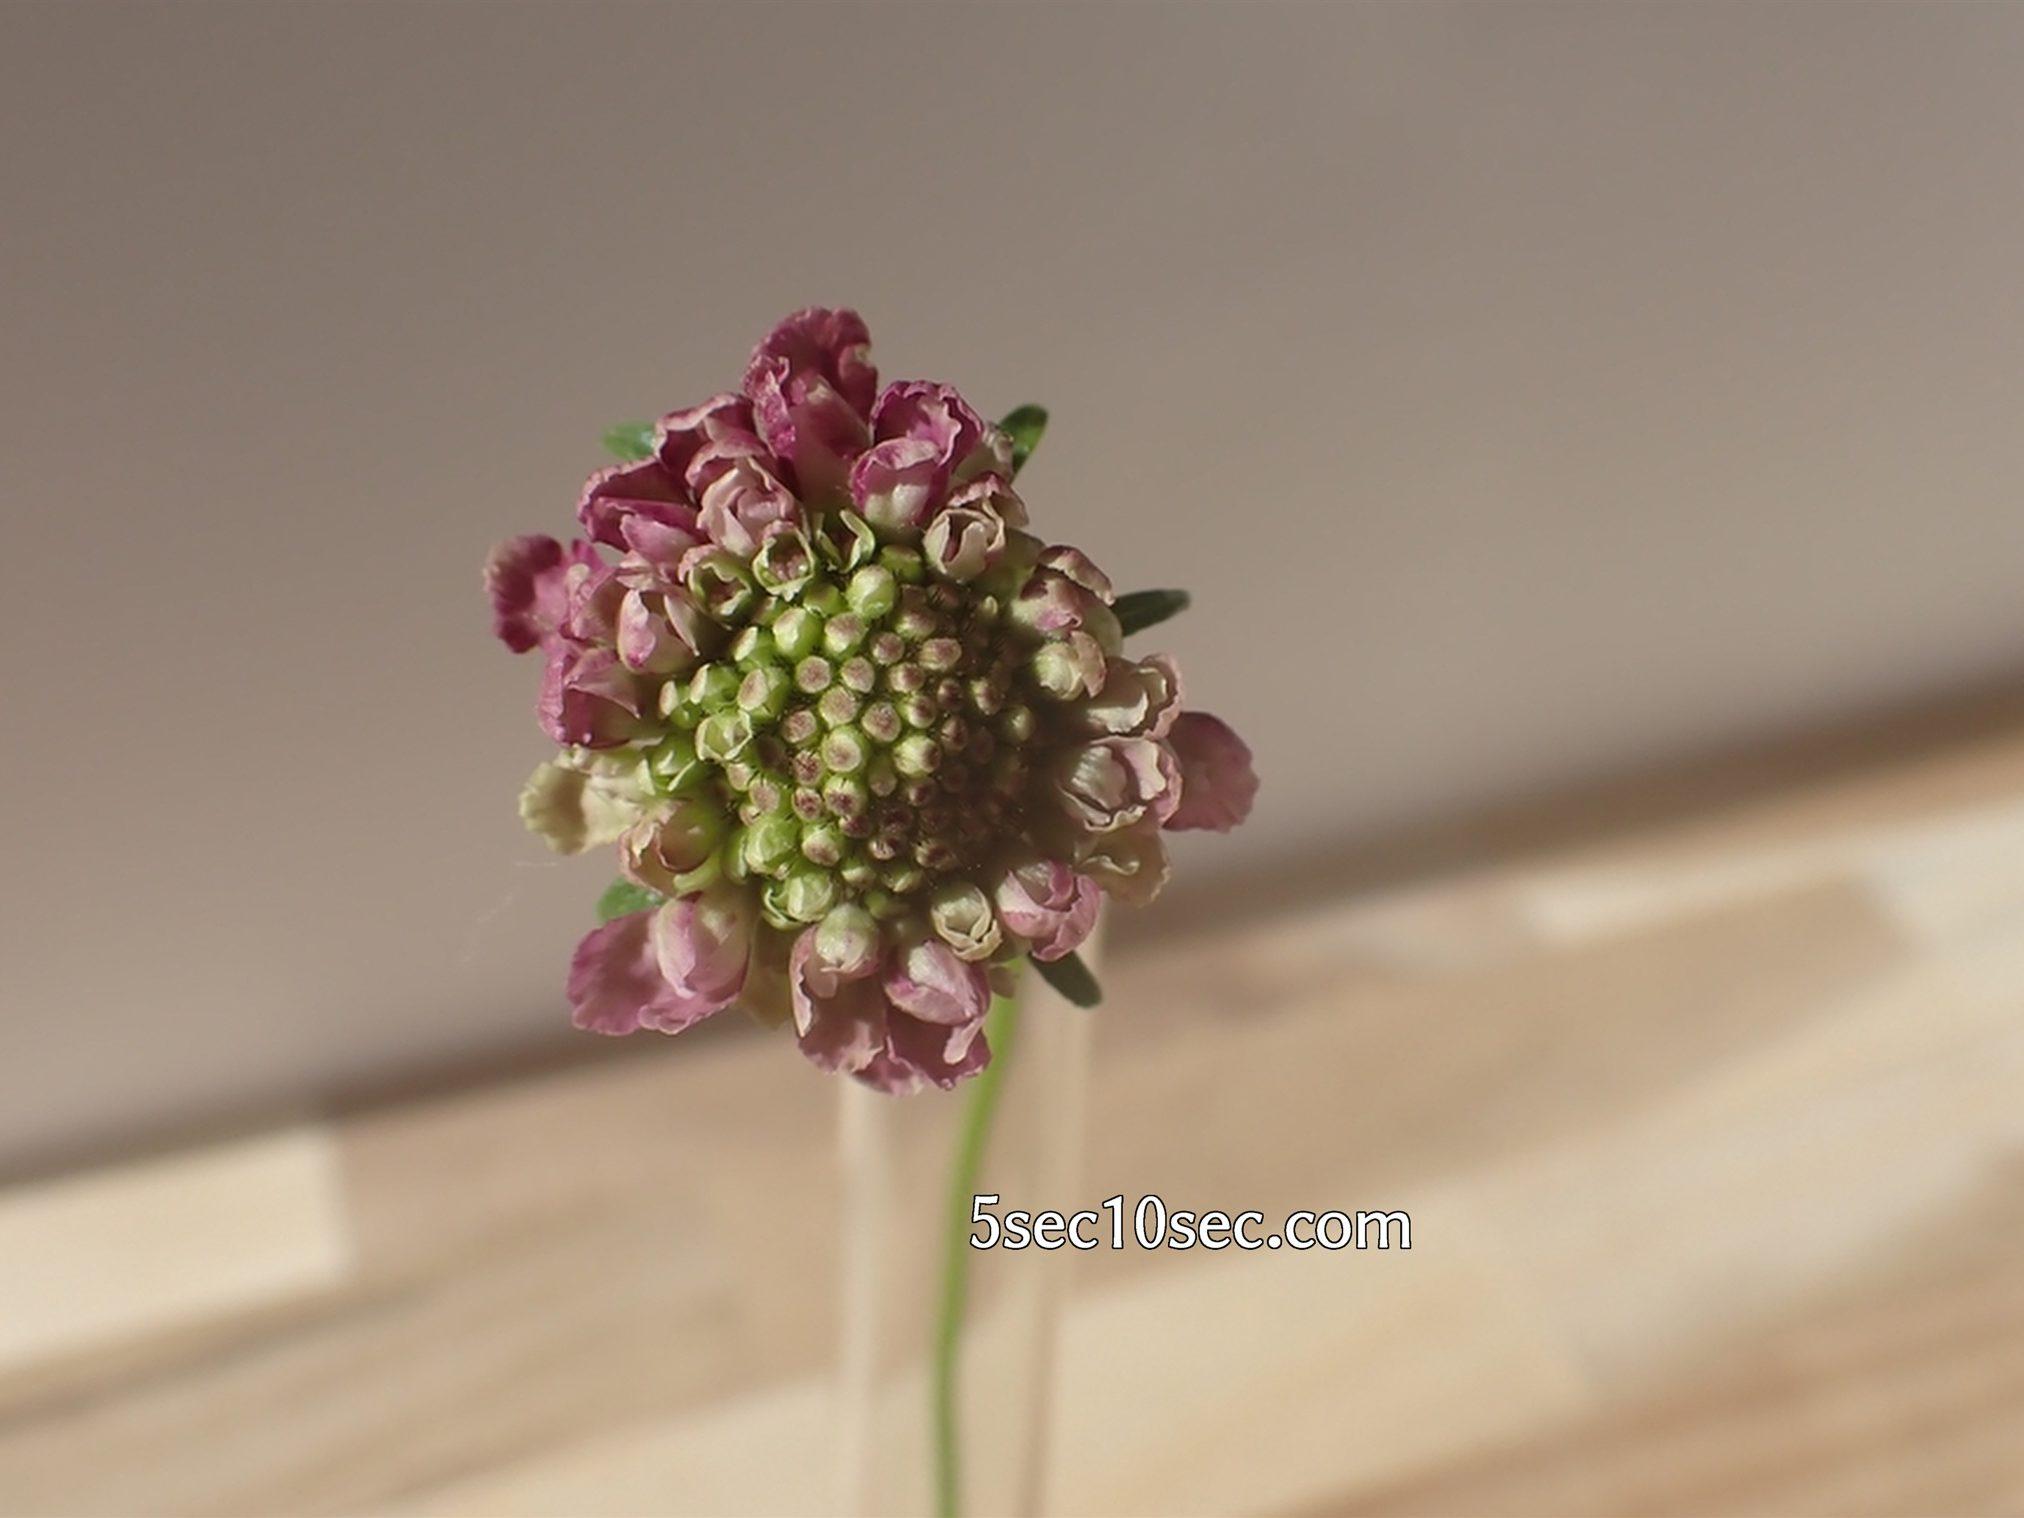 株式会社Crunch Style お花の定期便 Bloomee LIFE ブルーミーライフ スカビオサのつぼみが開いてきた、2020年11月27日撮影